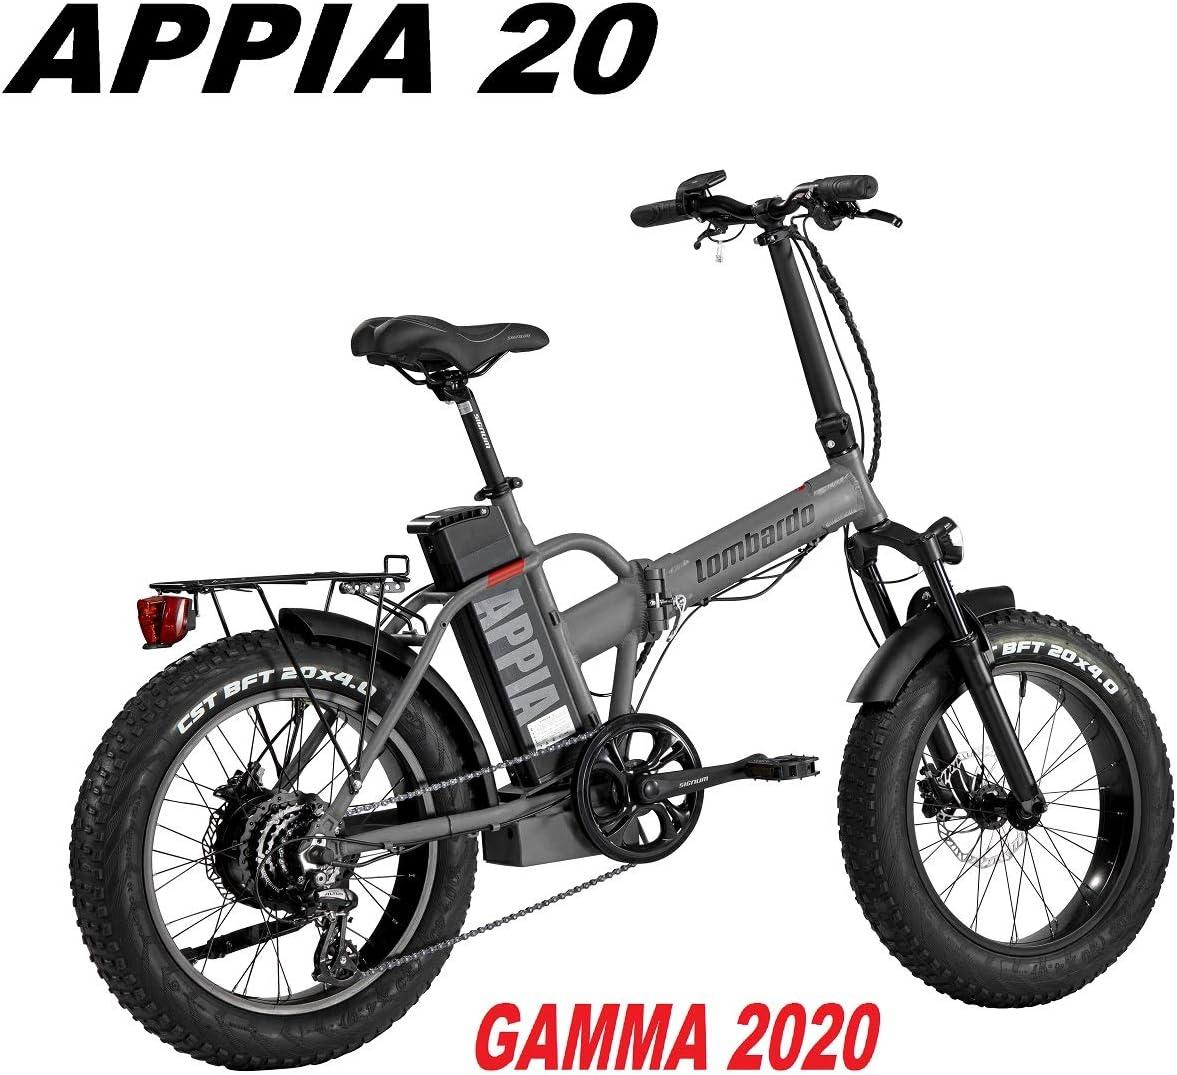 Lombardo - Bicicleta APPIA con Rueda 20 Fat Bike Motor 250 W 80 NM ...